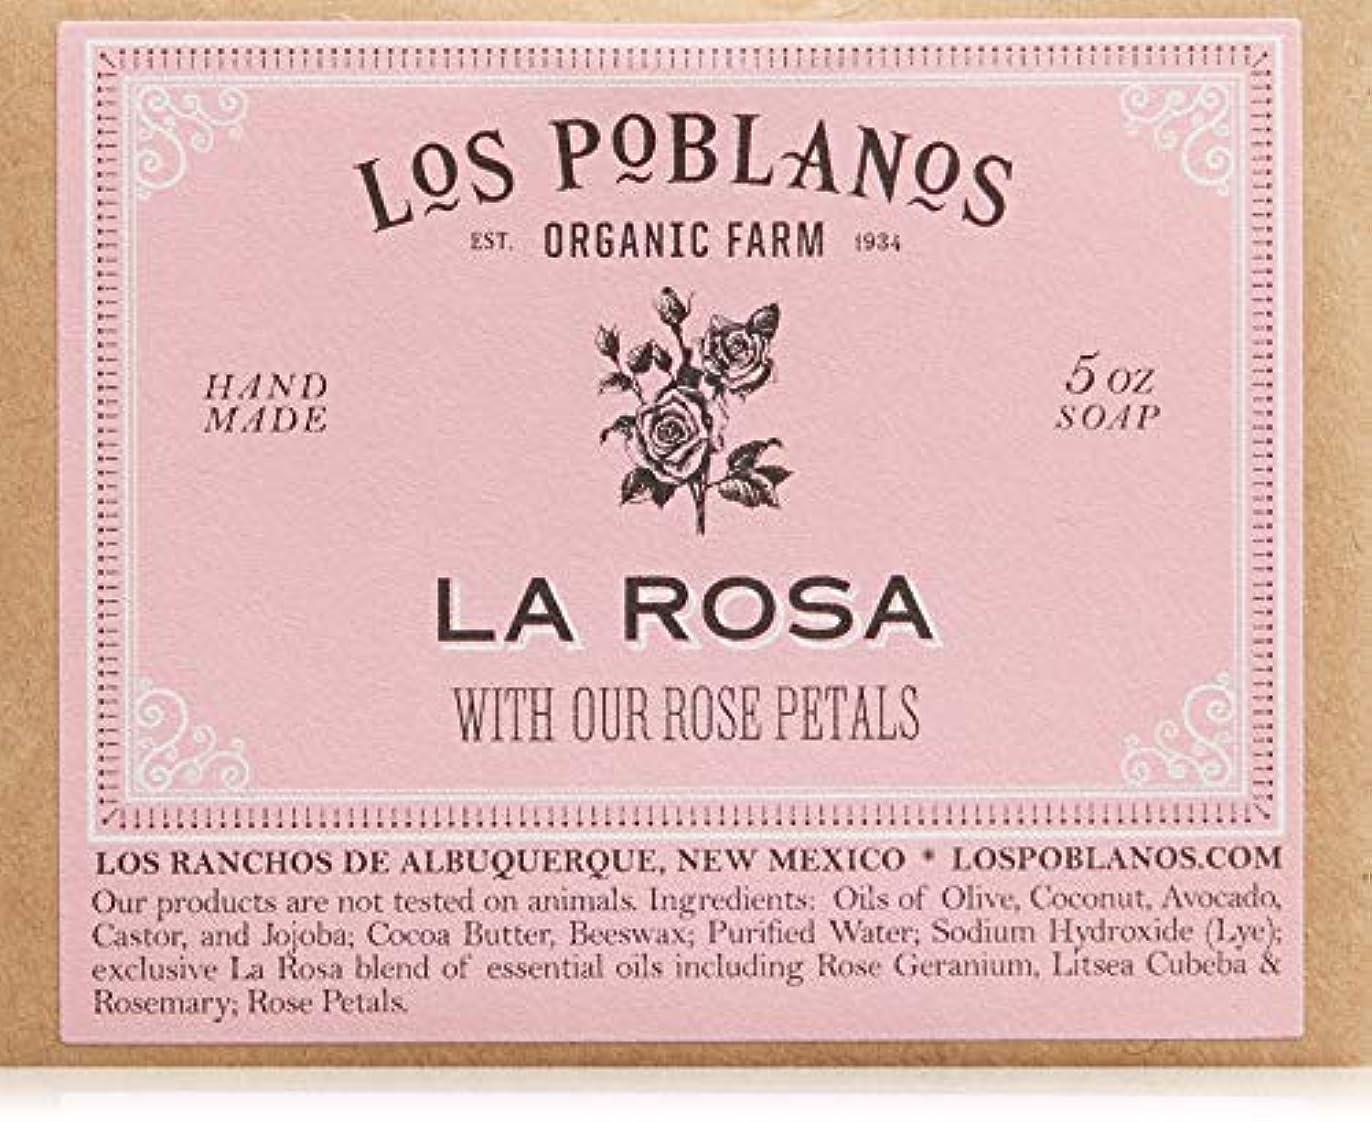 悩む移動する西部LOS POBLANOS(ロス ポブラノス) ラ ロッサ 130g